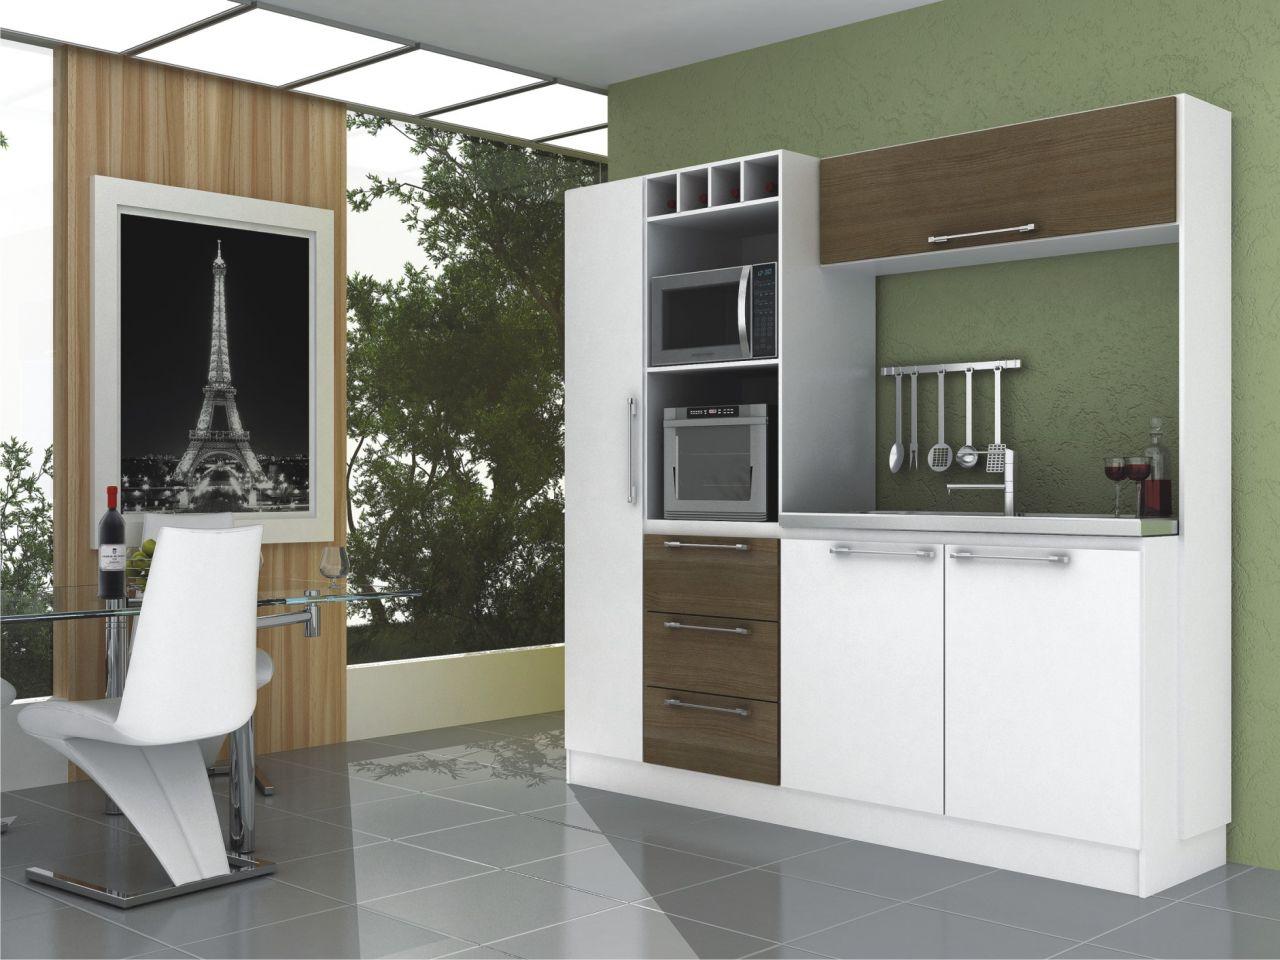 15 tipos de modelos de cozinhas pequenas #5B4E3C 1280 960